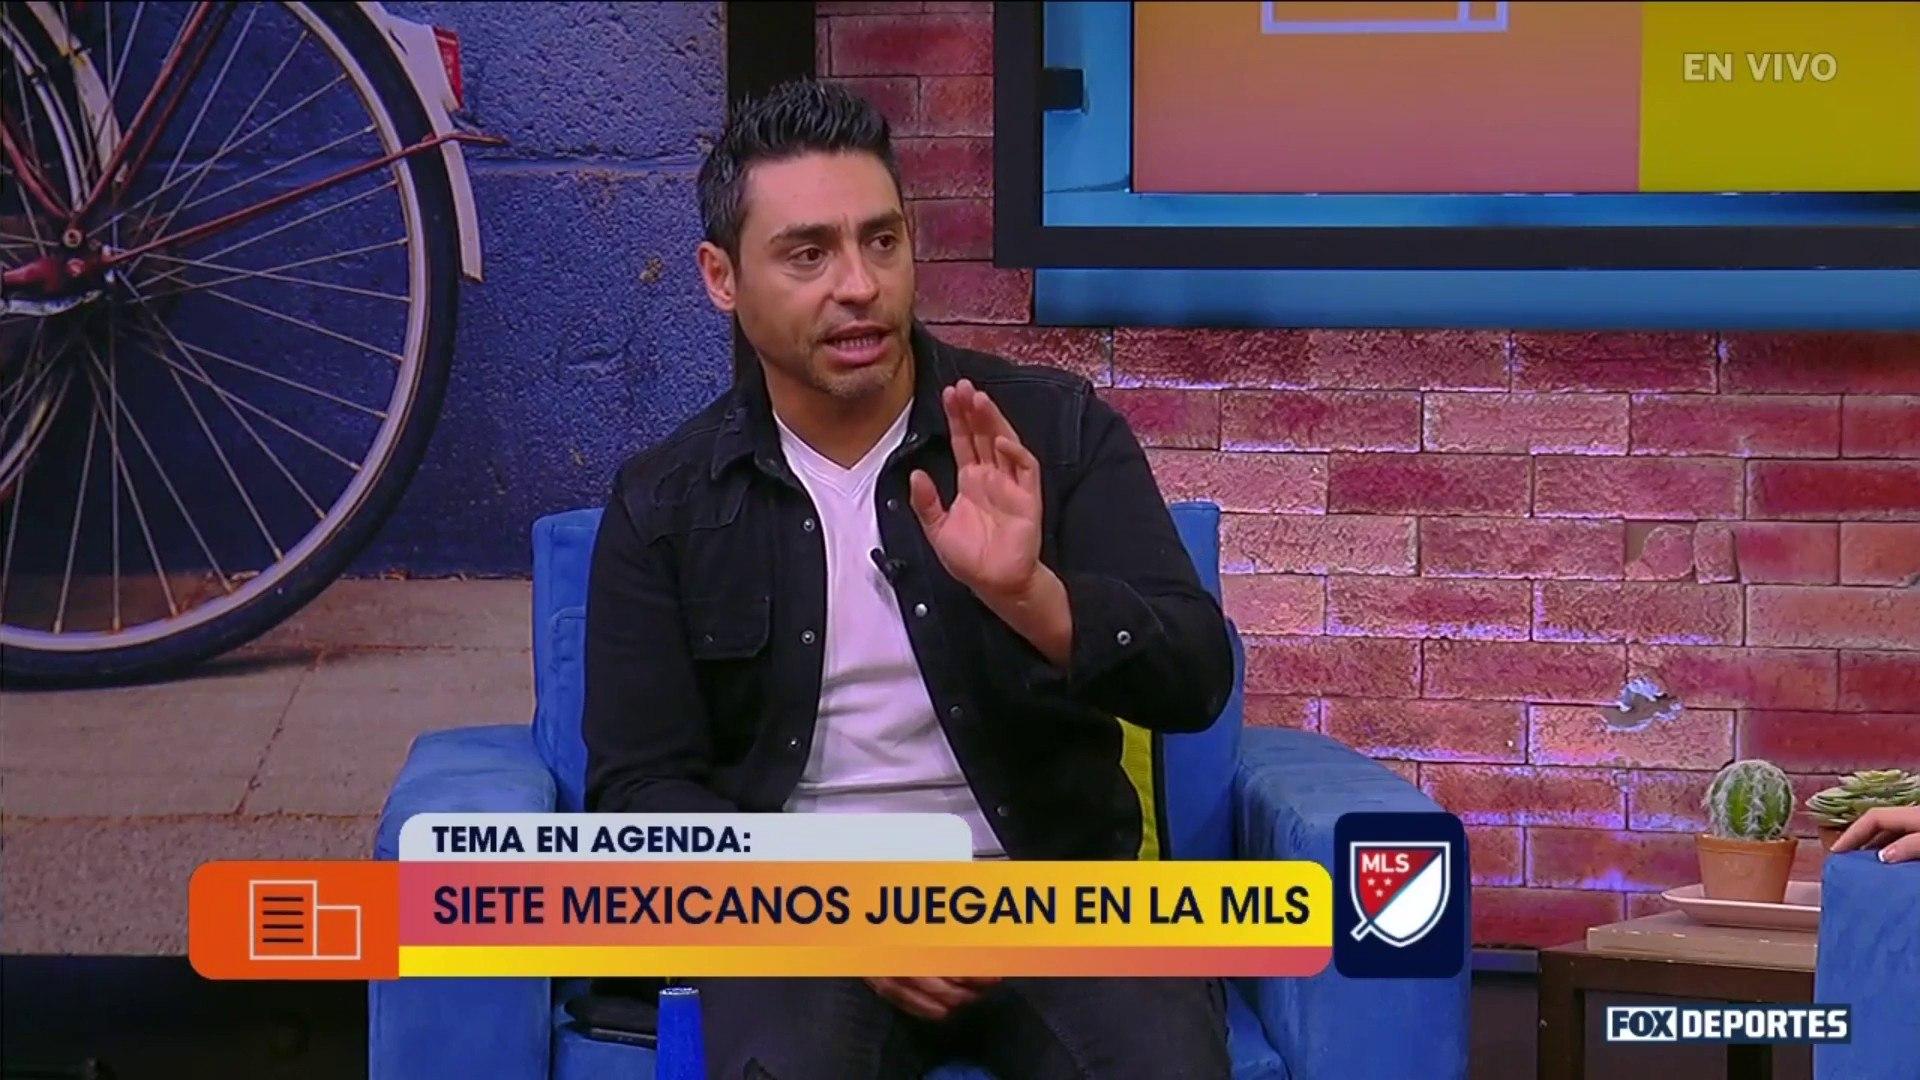 Agenda FS: Hay más delanteros mexicanos en la MLS que en la Liga MX